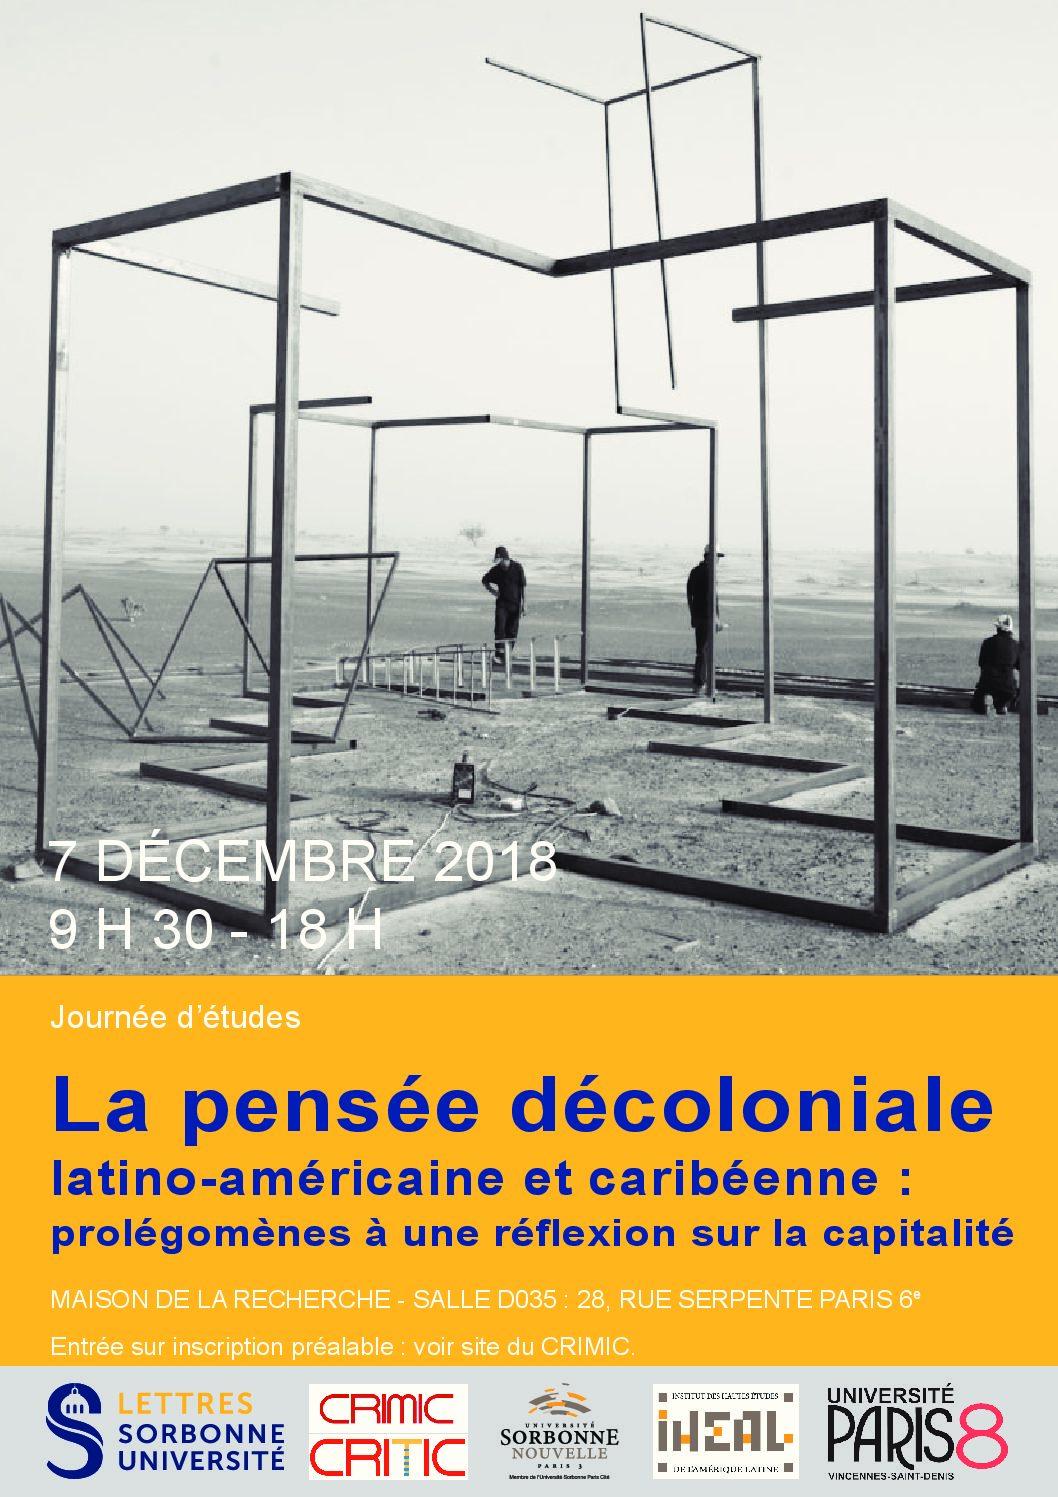 La pensée décoloniale  latino-américaine et caribéenne :  prolégomènes à une réflexion sur la capitalité